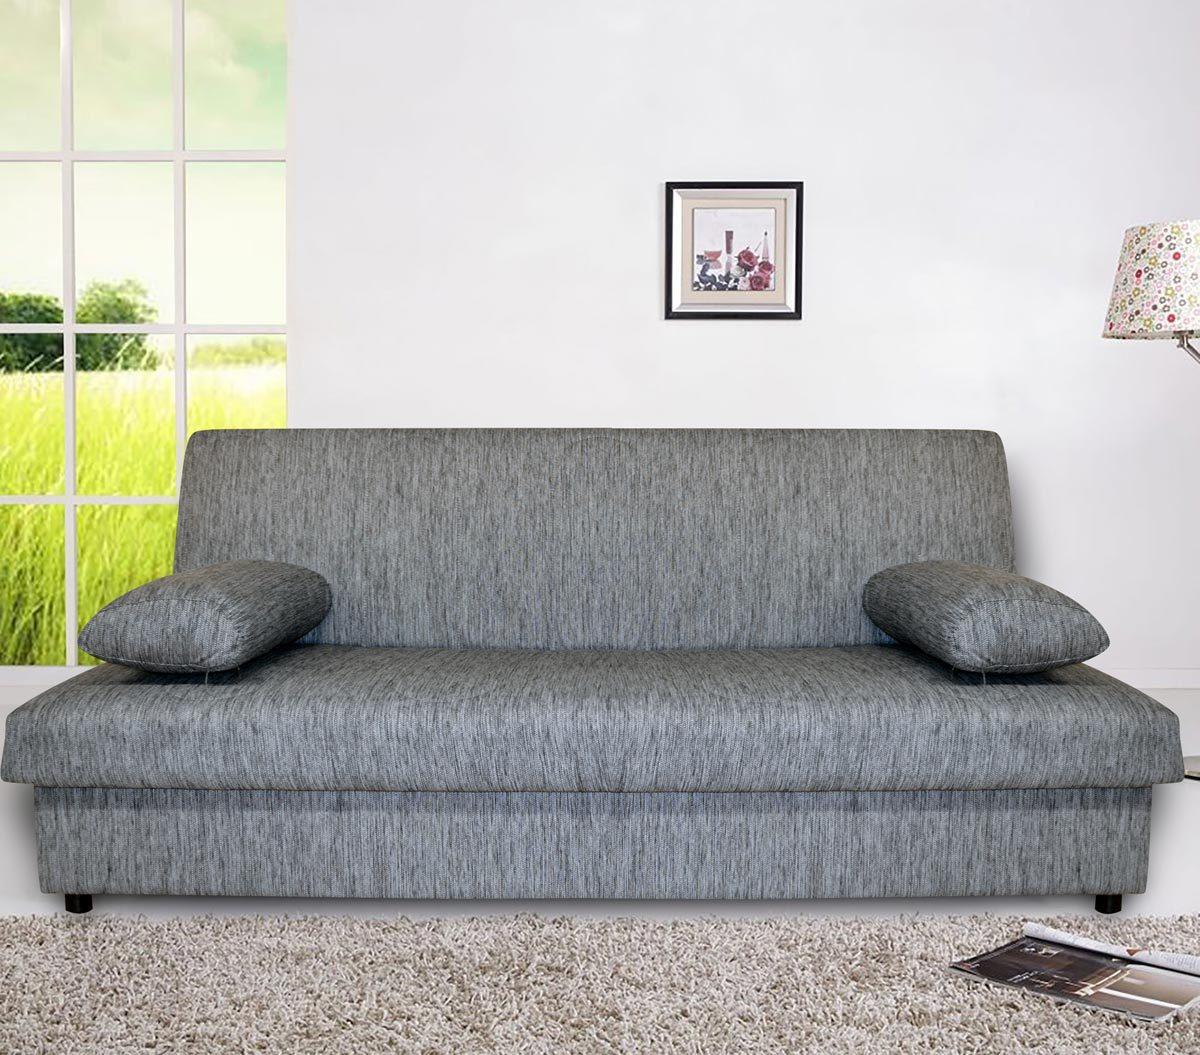 Emejing divano letto prezzo gallery - Divani prezzi bassi ...